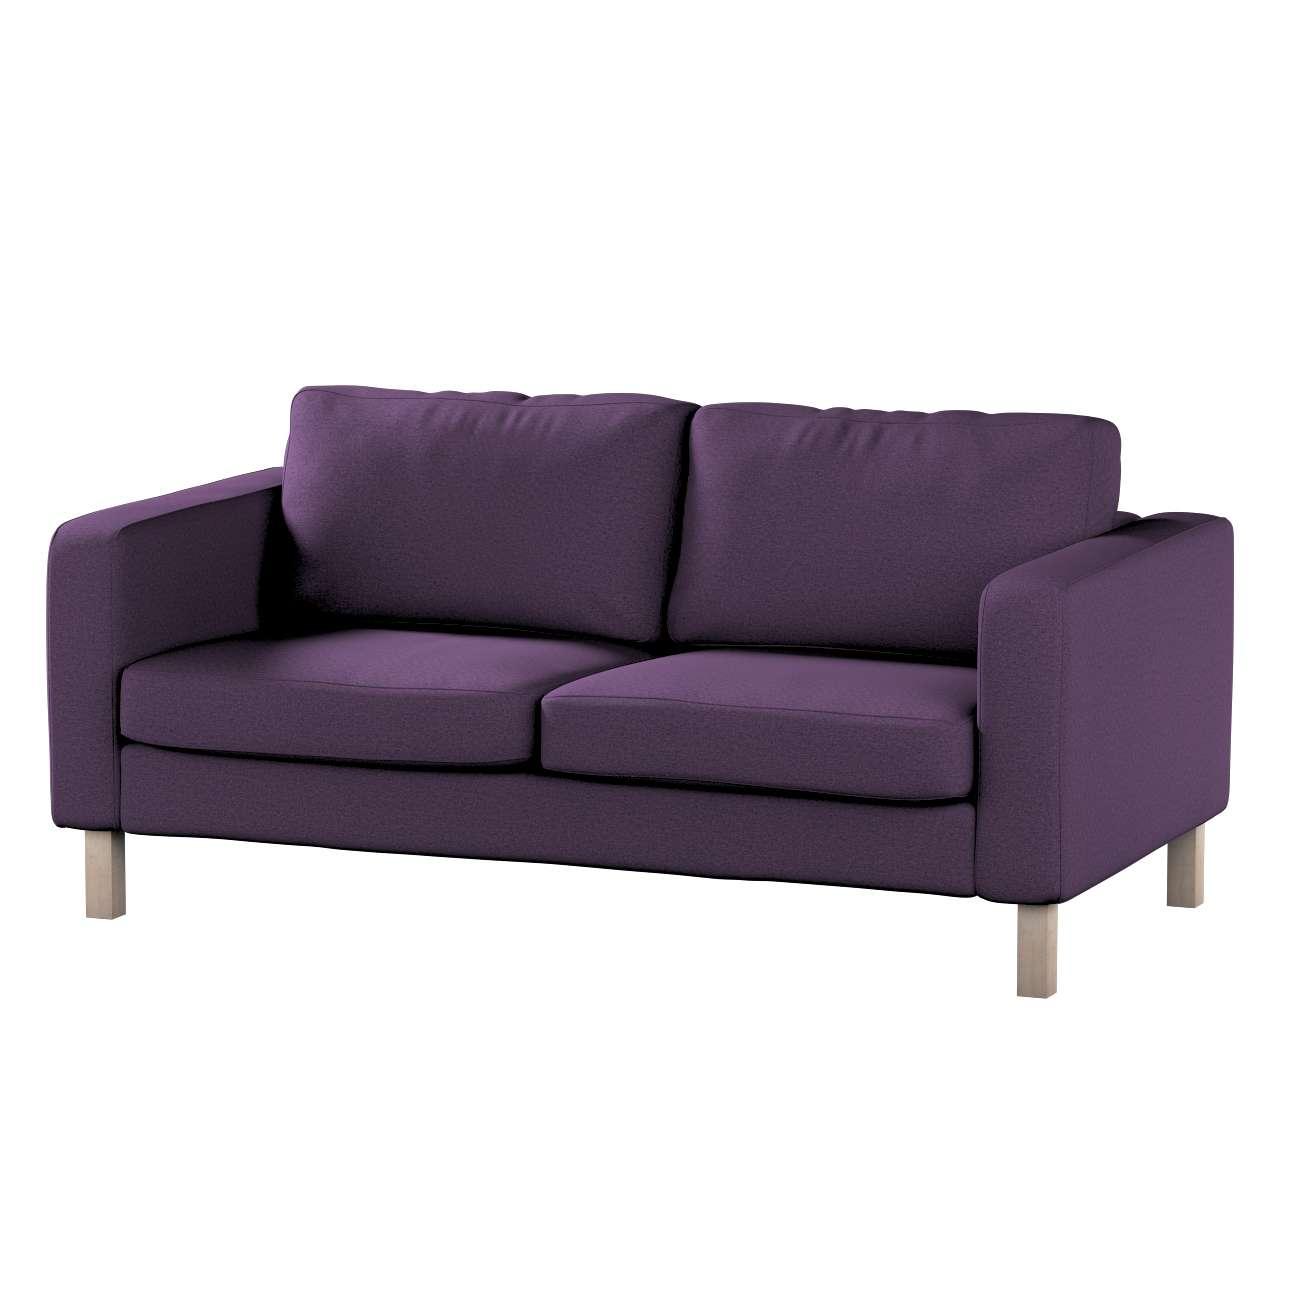 Pokrowiec na sofę Karlstad 2-osobową nierozkładaną krótki w kolekcji Etna, tkanina: 161-27